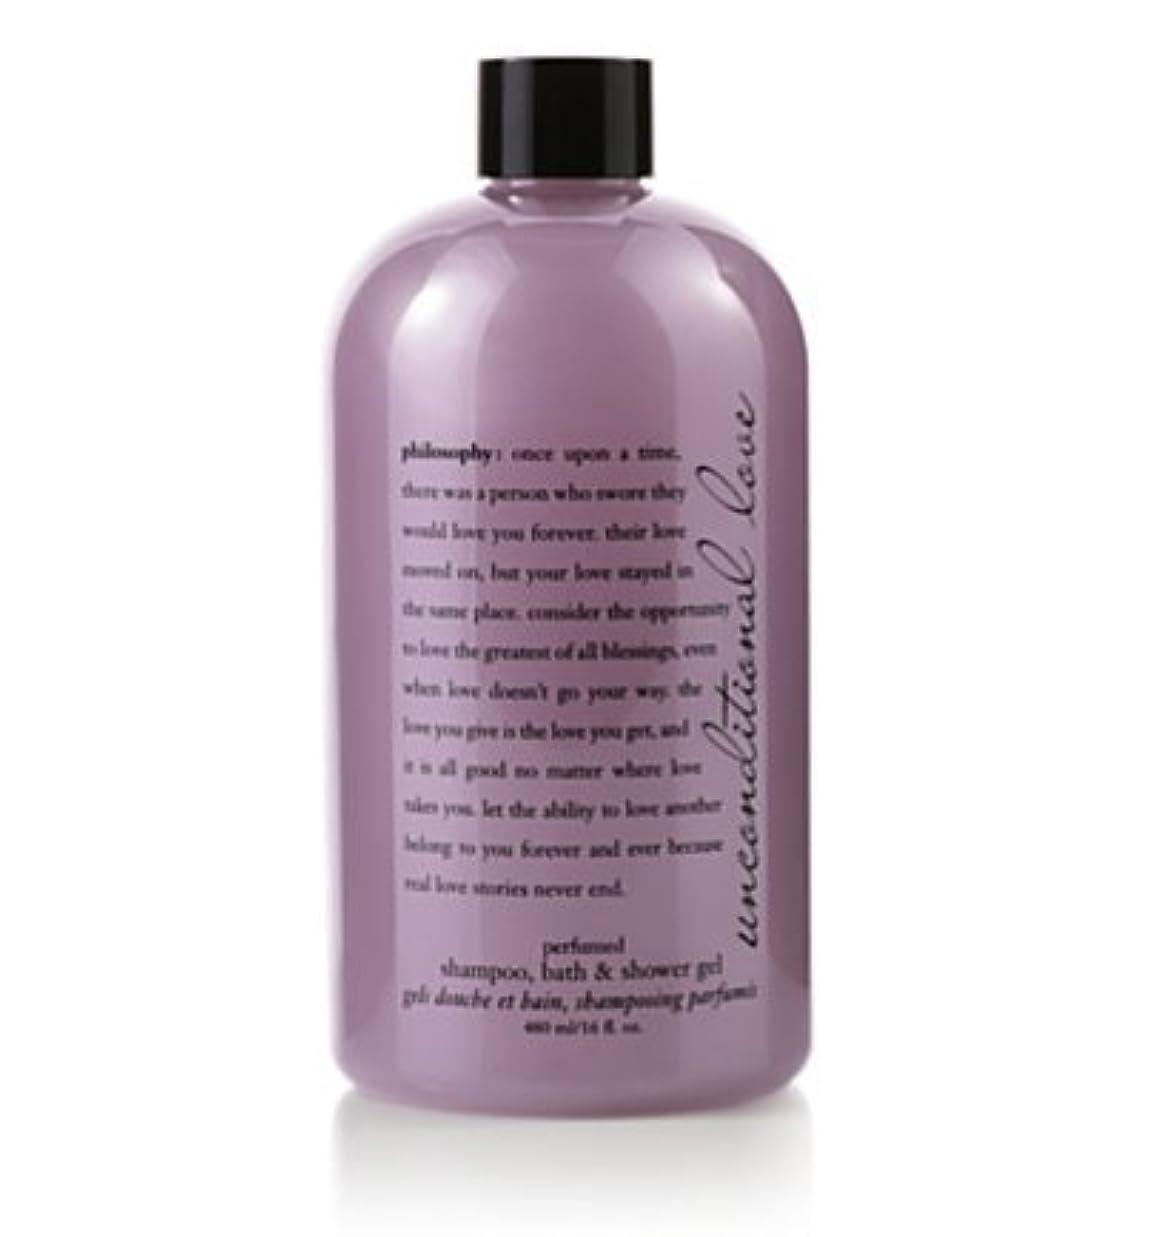 トラフィック強大な弱いunconditional love (アンコンディショナルラブ ) 16.0 oz (480ml) perfumed shampoo, bath & shower gel for Women